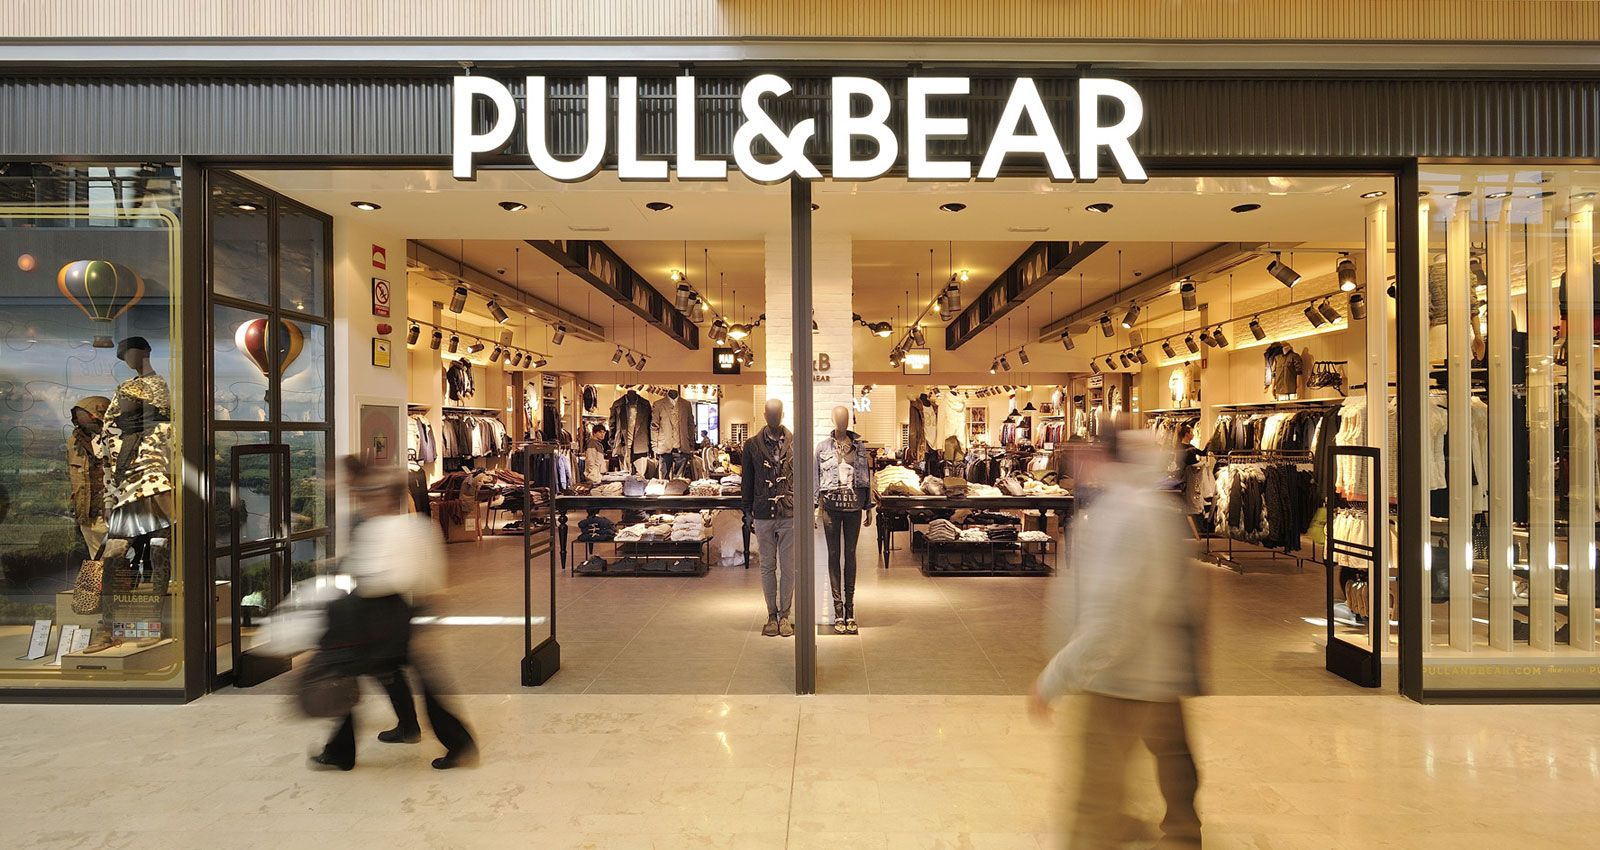 Pull Bear Jpg 1600 850